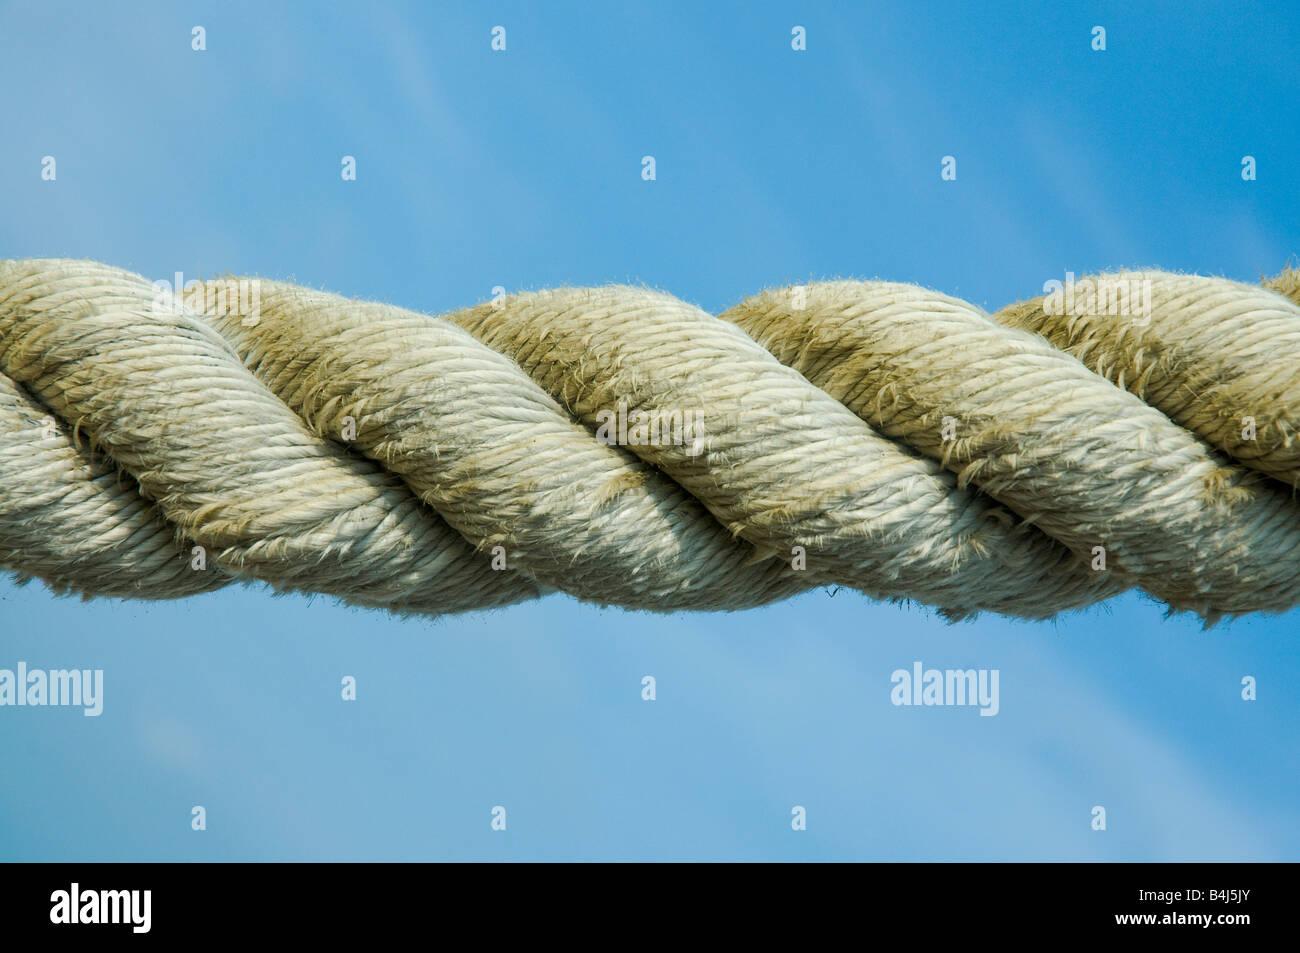 La fune contro il cielo blu Immagini Stock